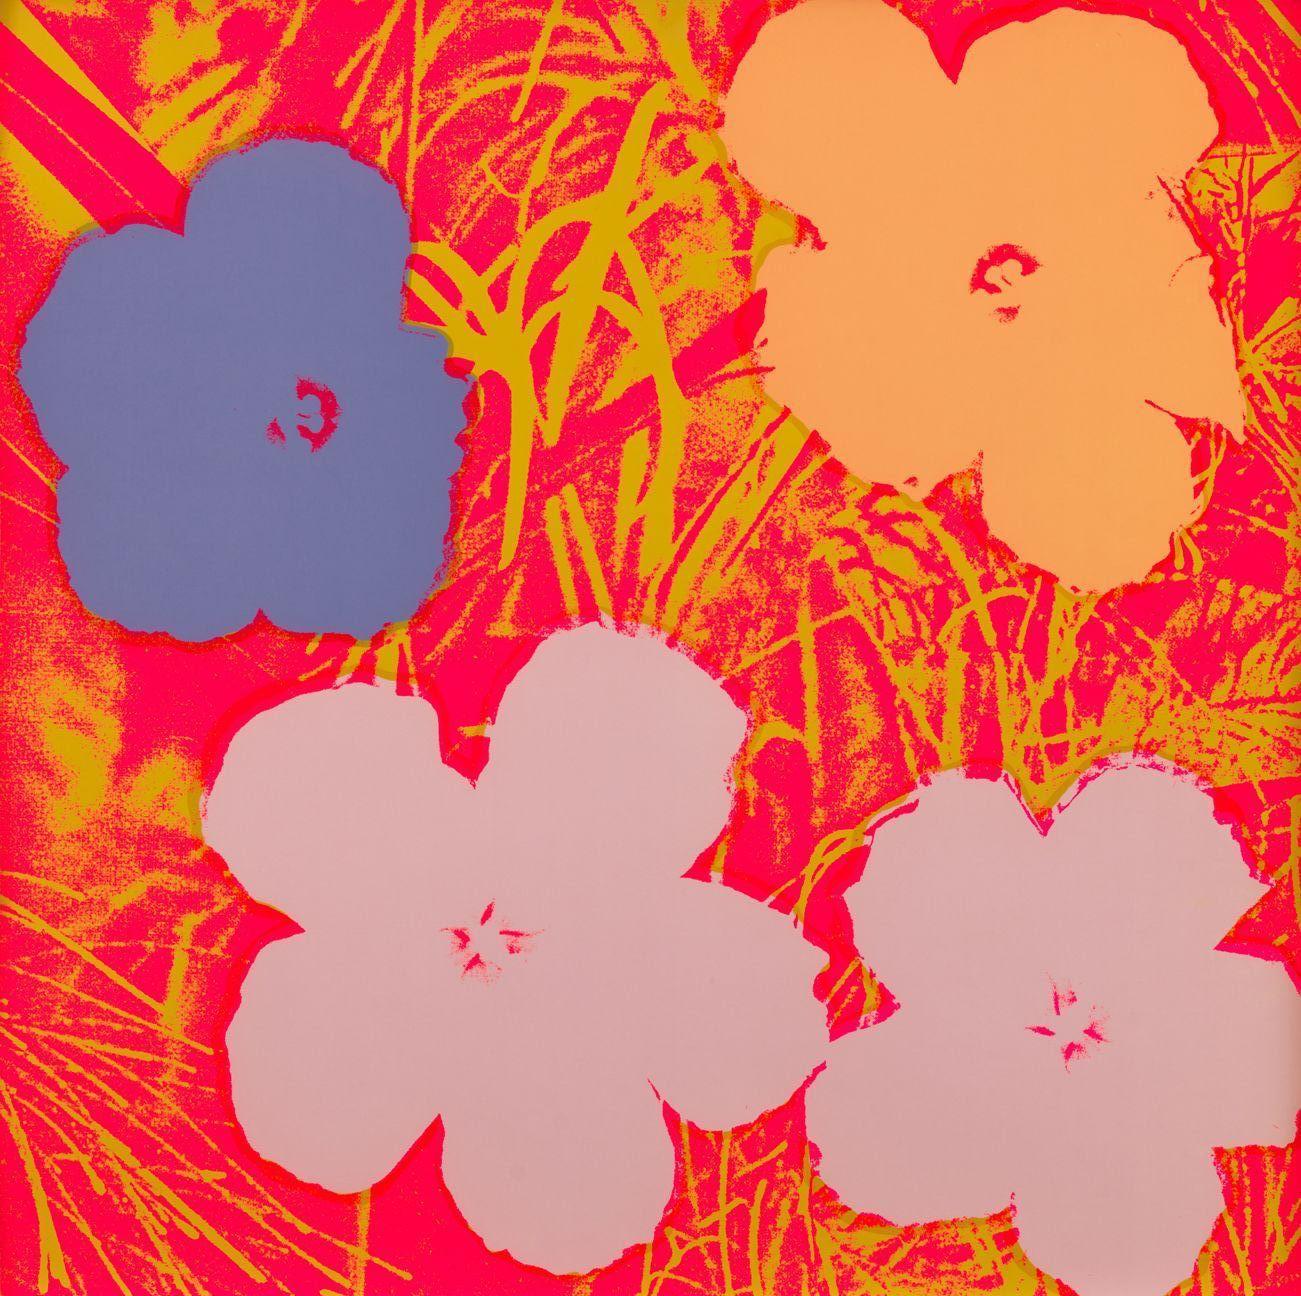 1970 Medium: Silkscreen